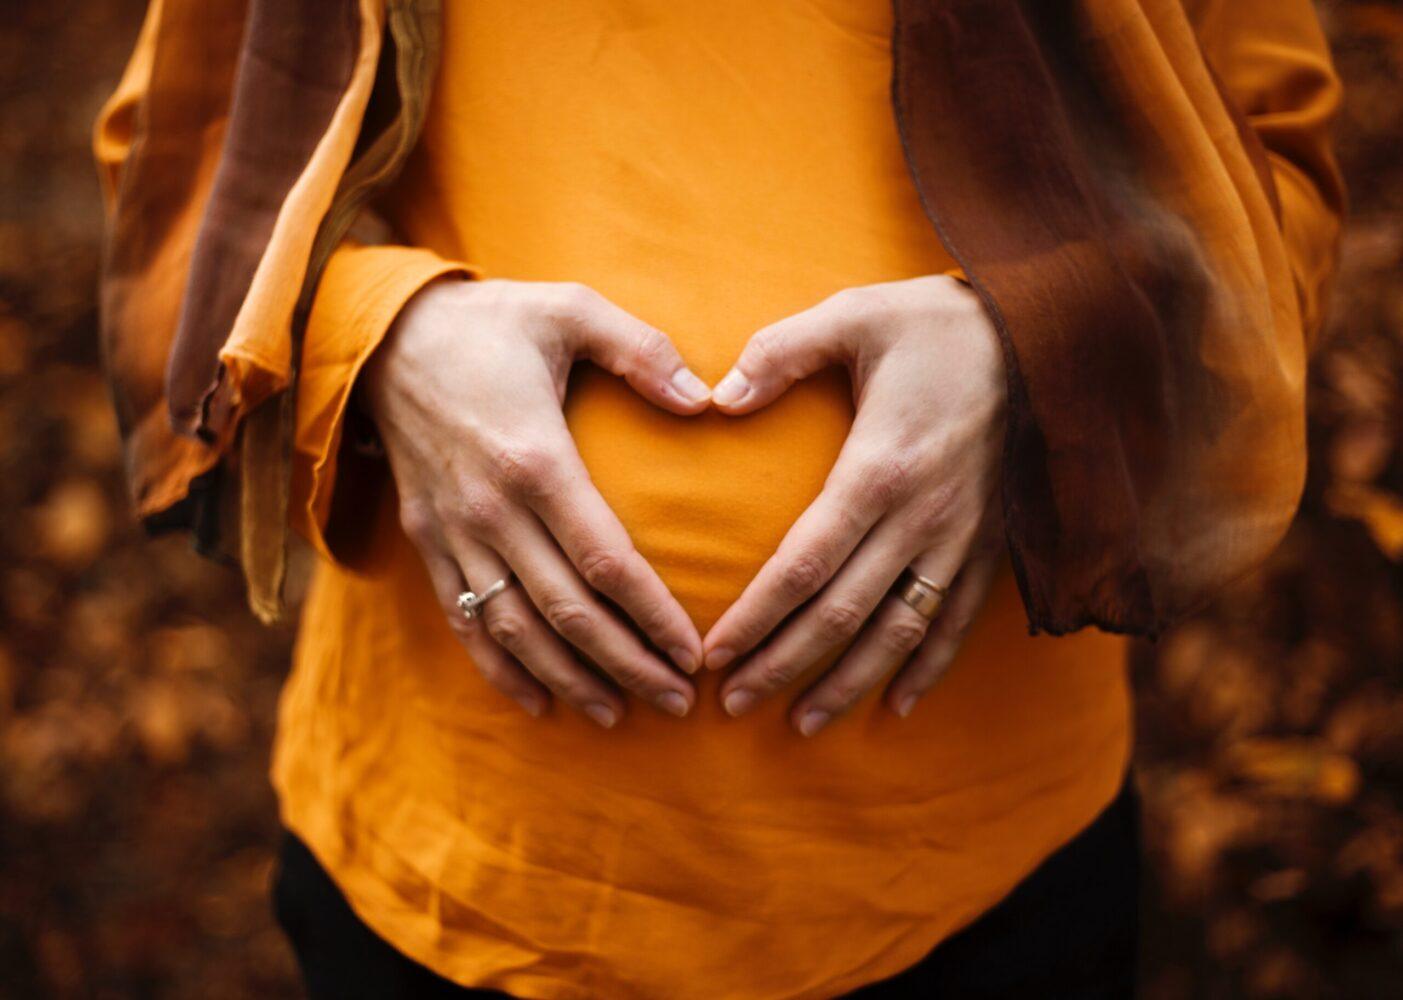 Het Gezinsleven - Moeder en Kind - Kinderwens - Stoppen met de pil - Vrouw vormt met haar handen een hart op haar buik